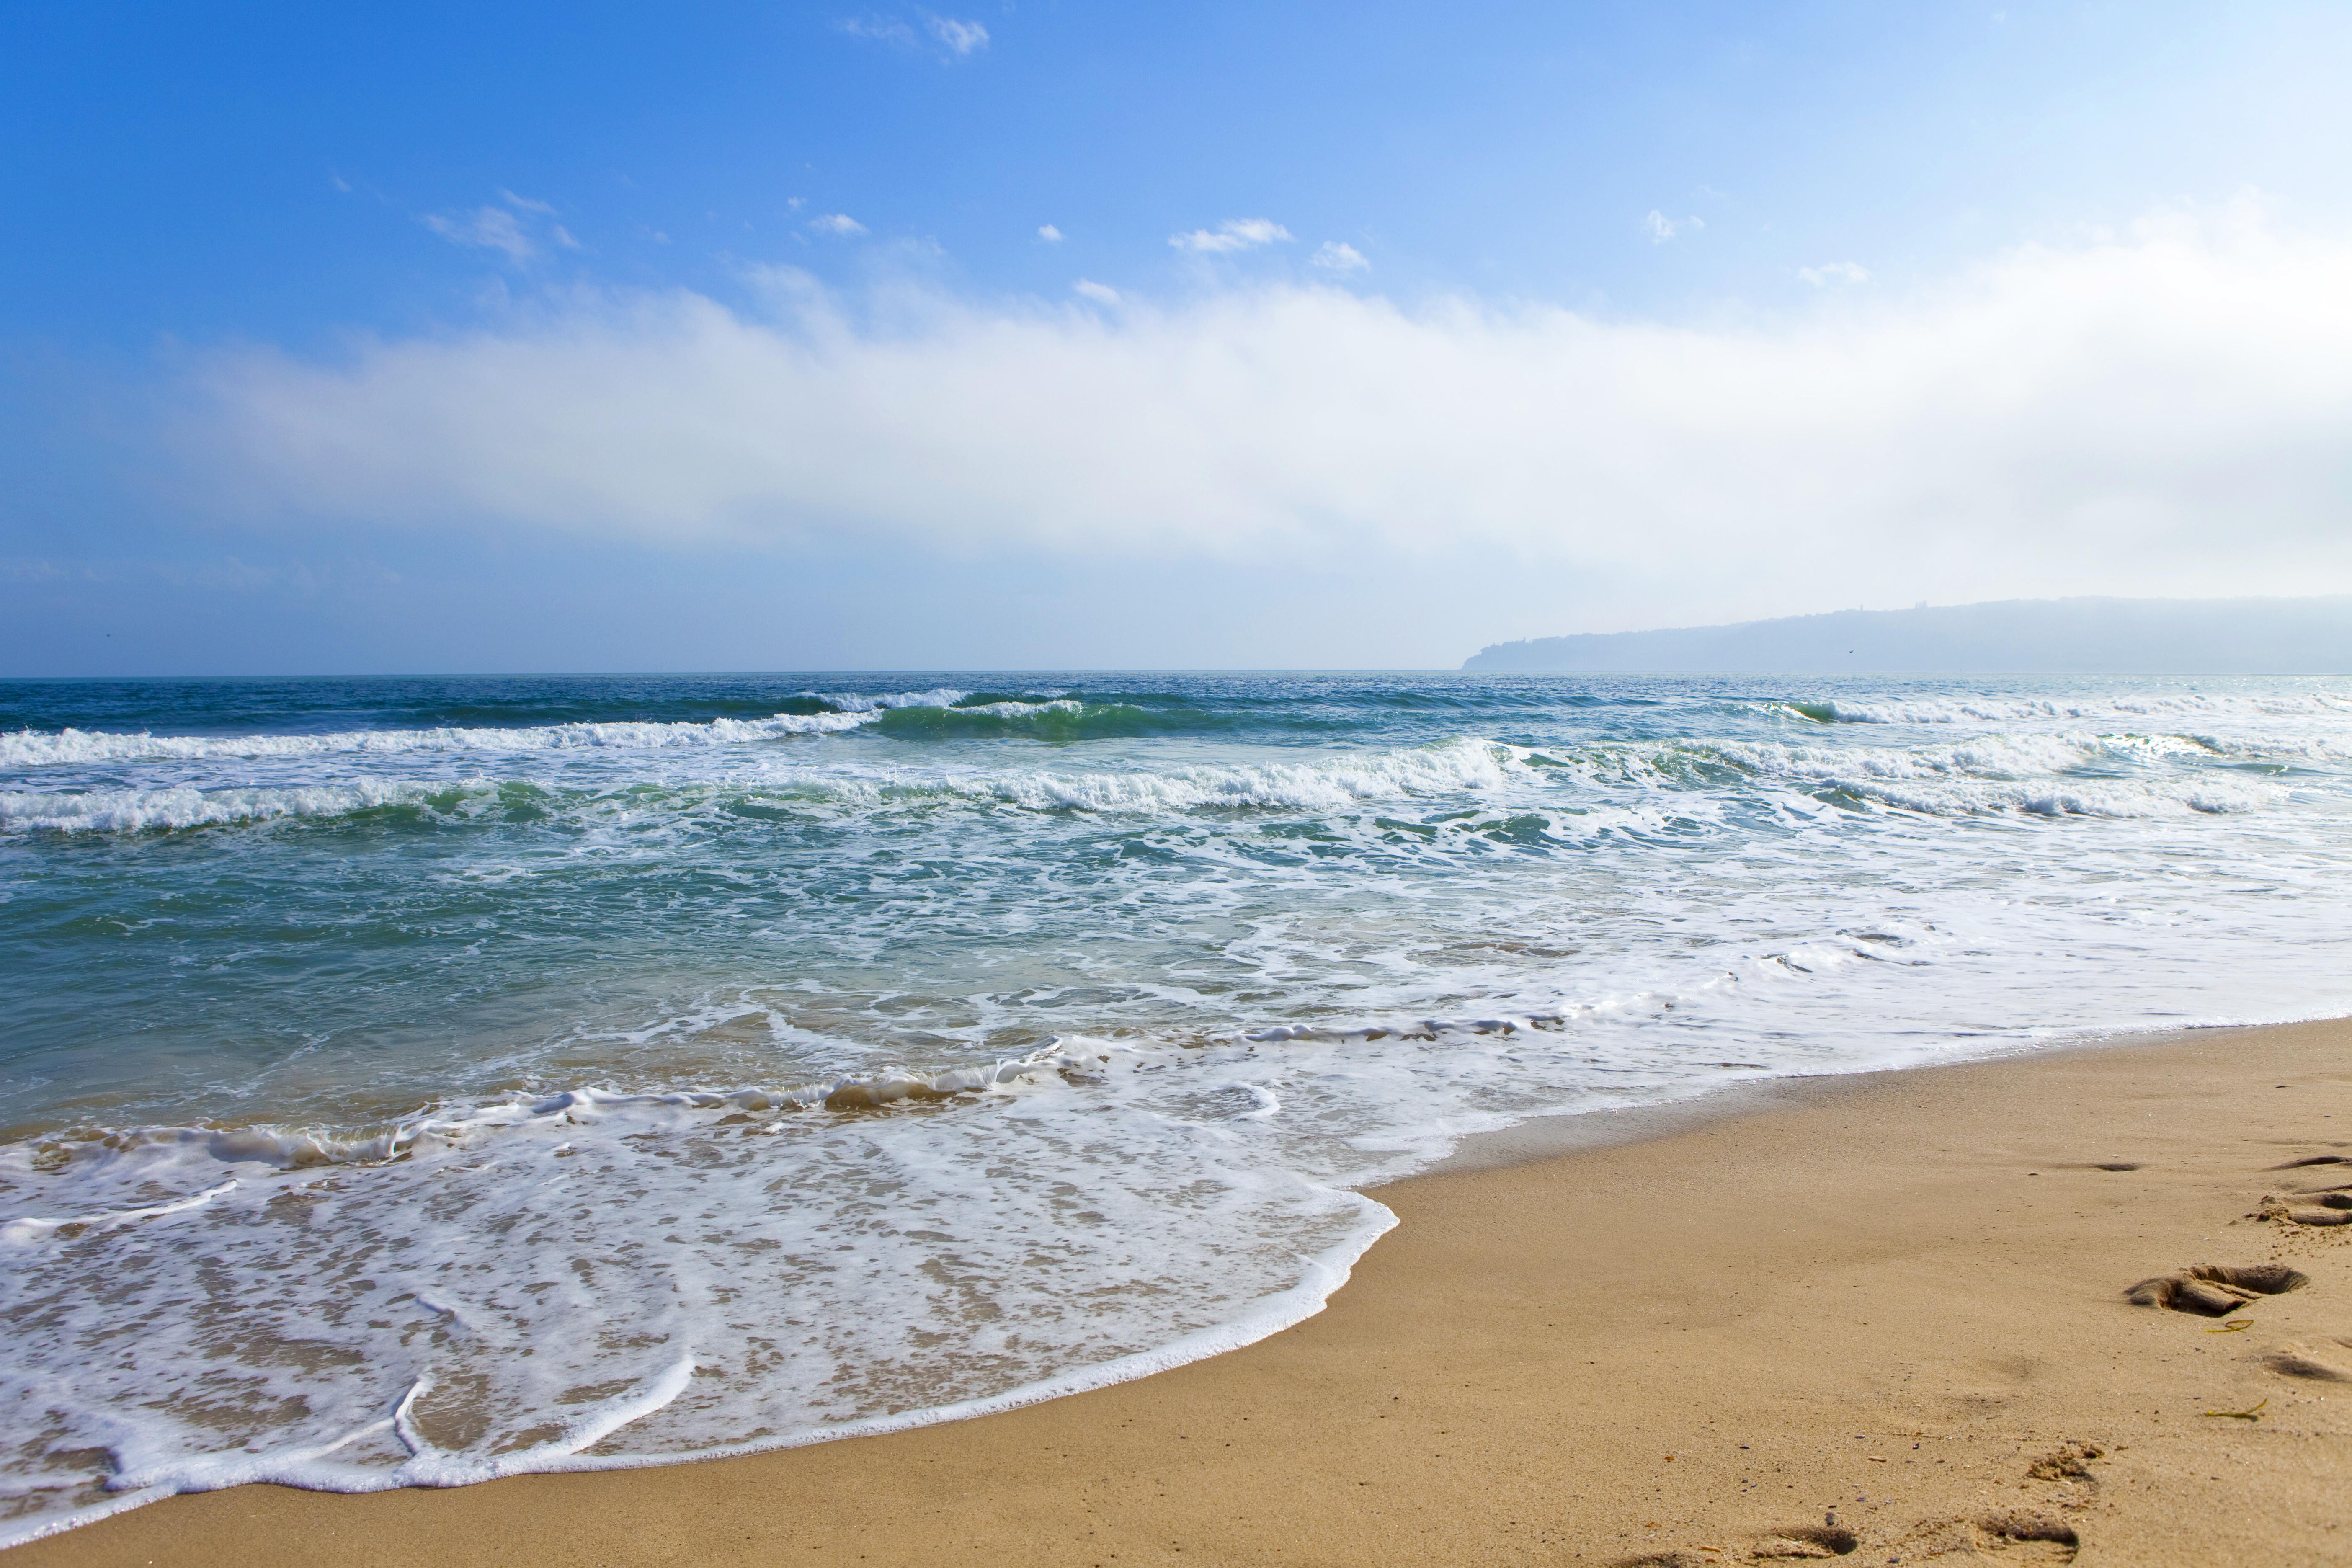 Bulgarien goldstrand fkk strand